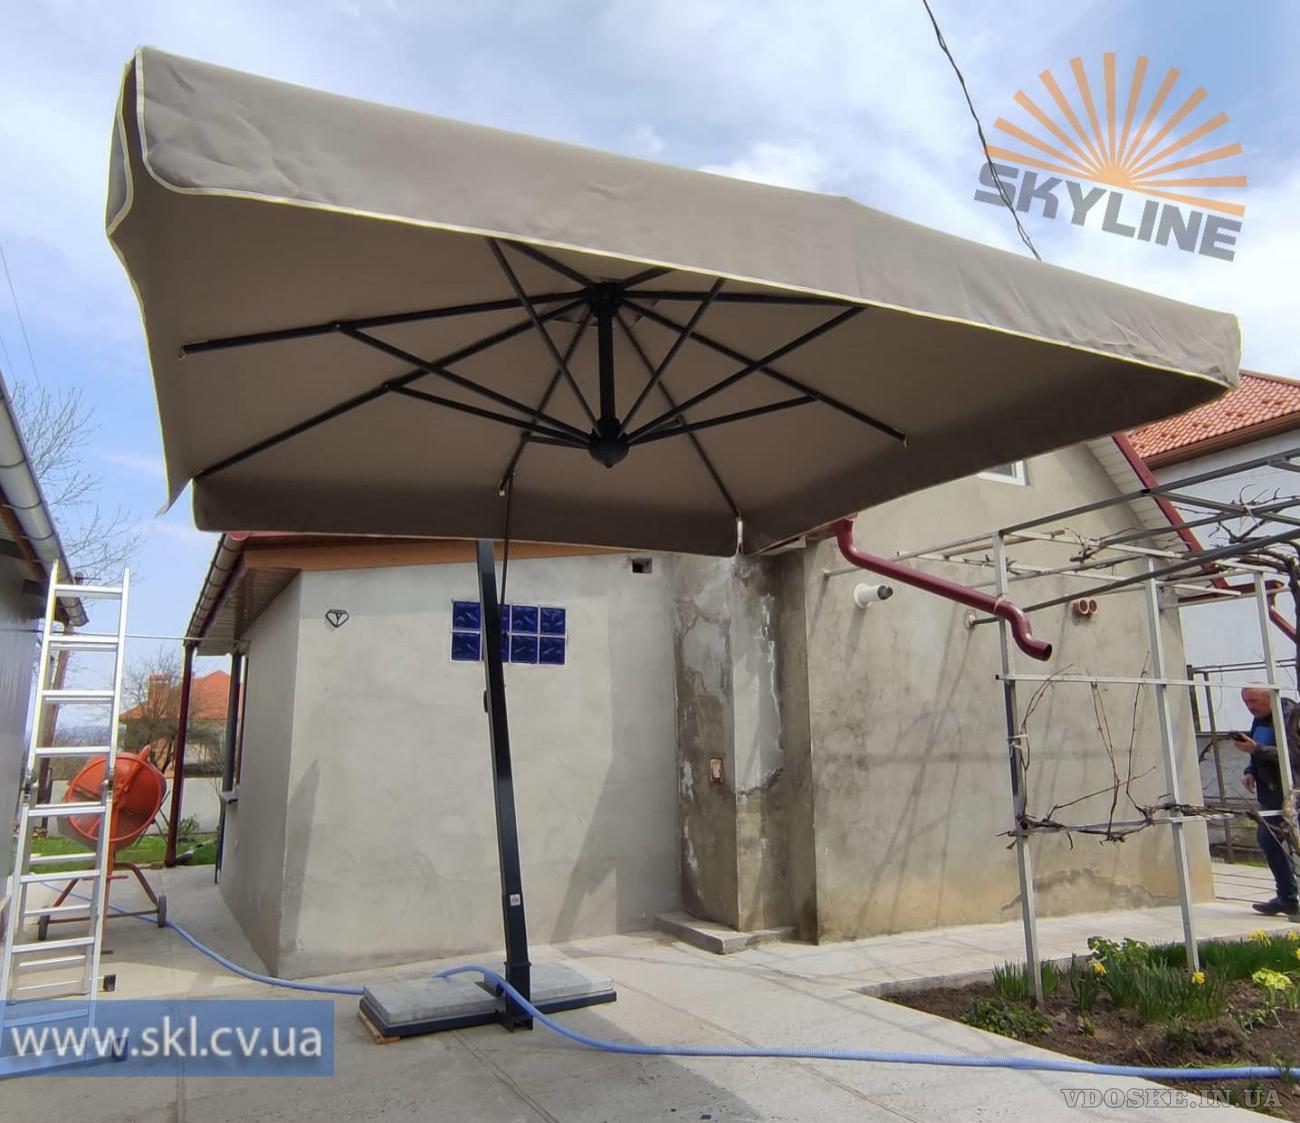 Уличные солнцезащитныезонтыScolaro.Зонты для кафе и террас